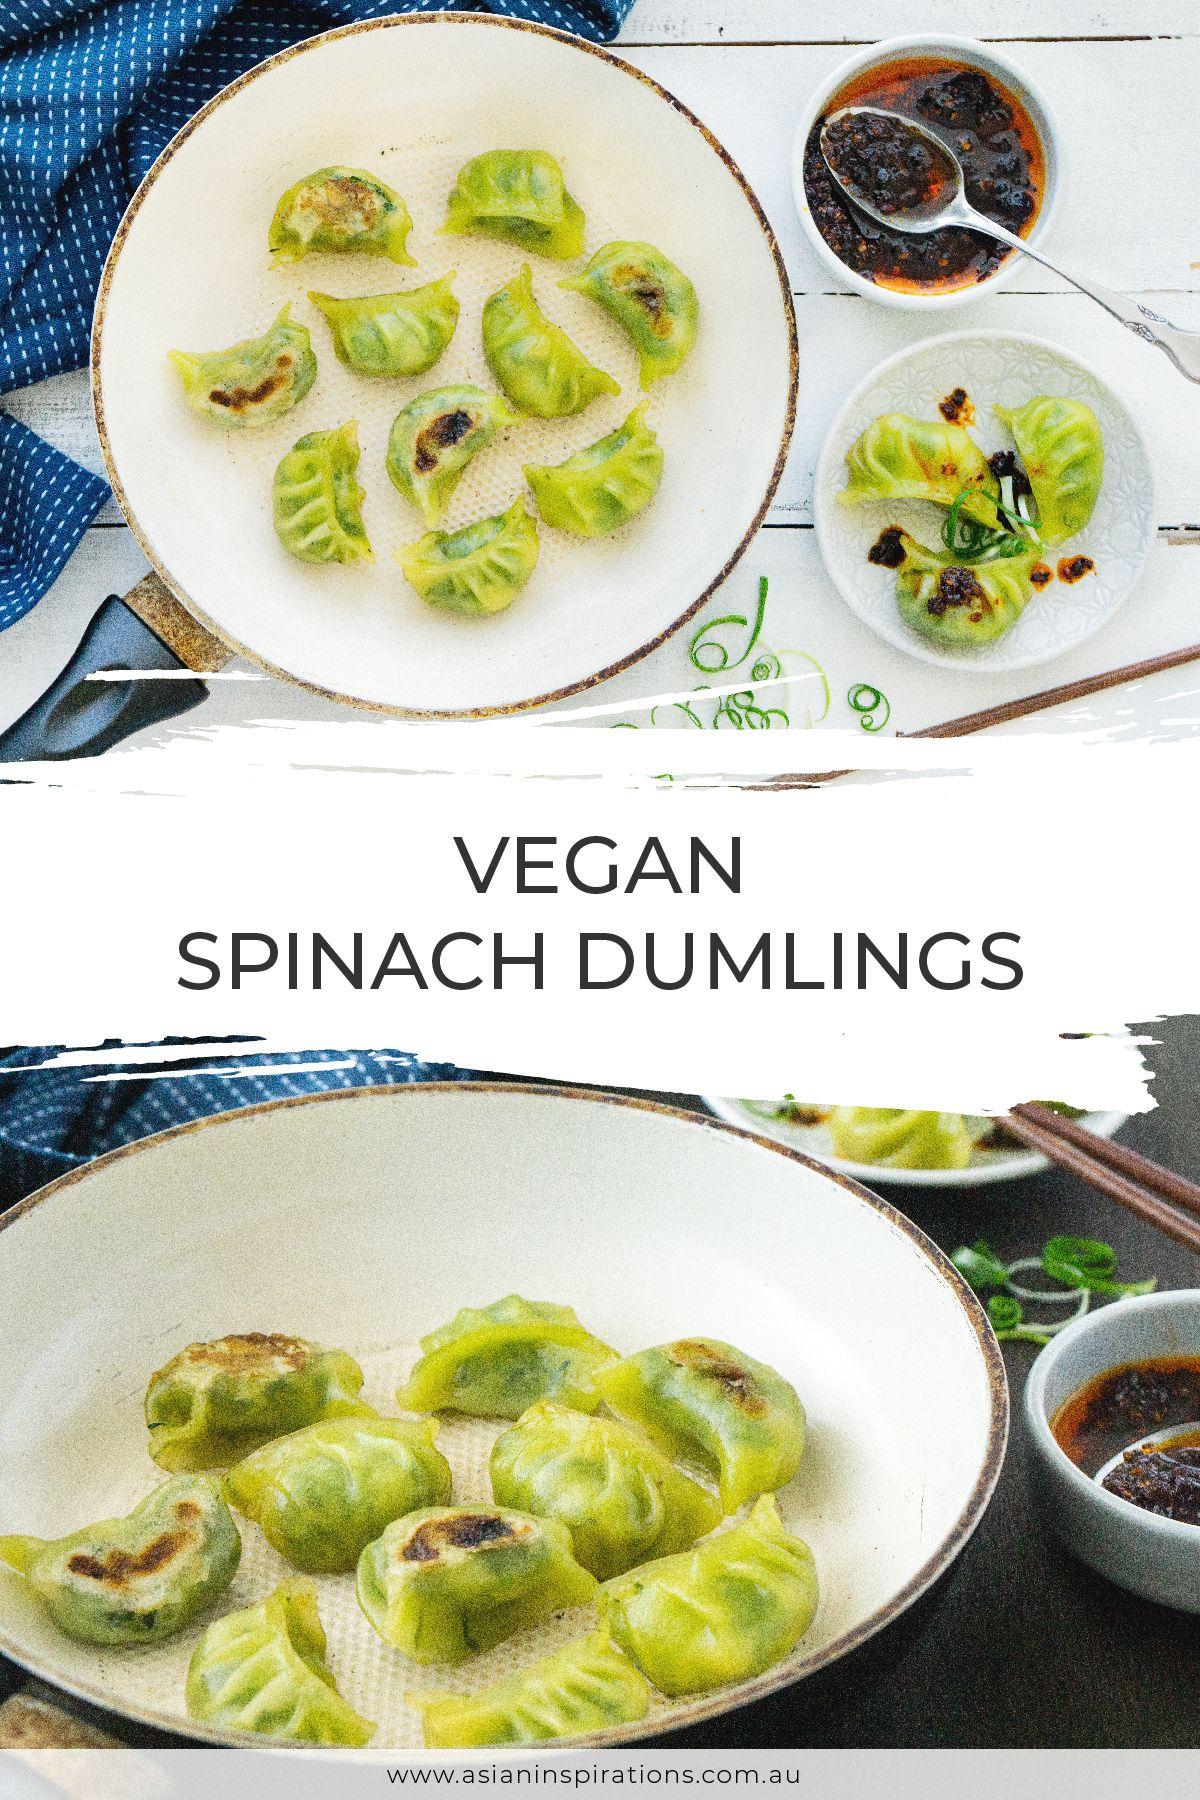 Vegan Spinach Dumplings